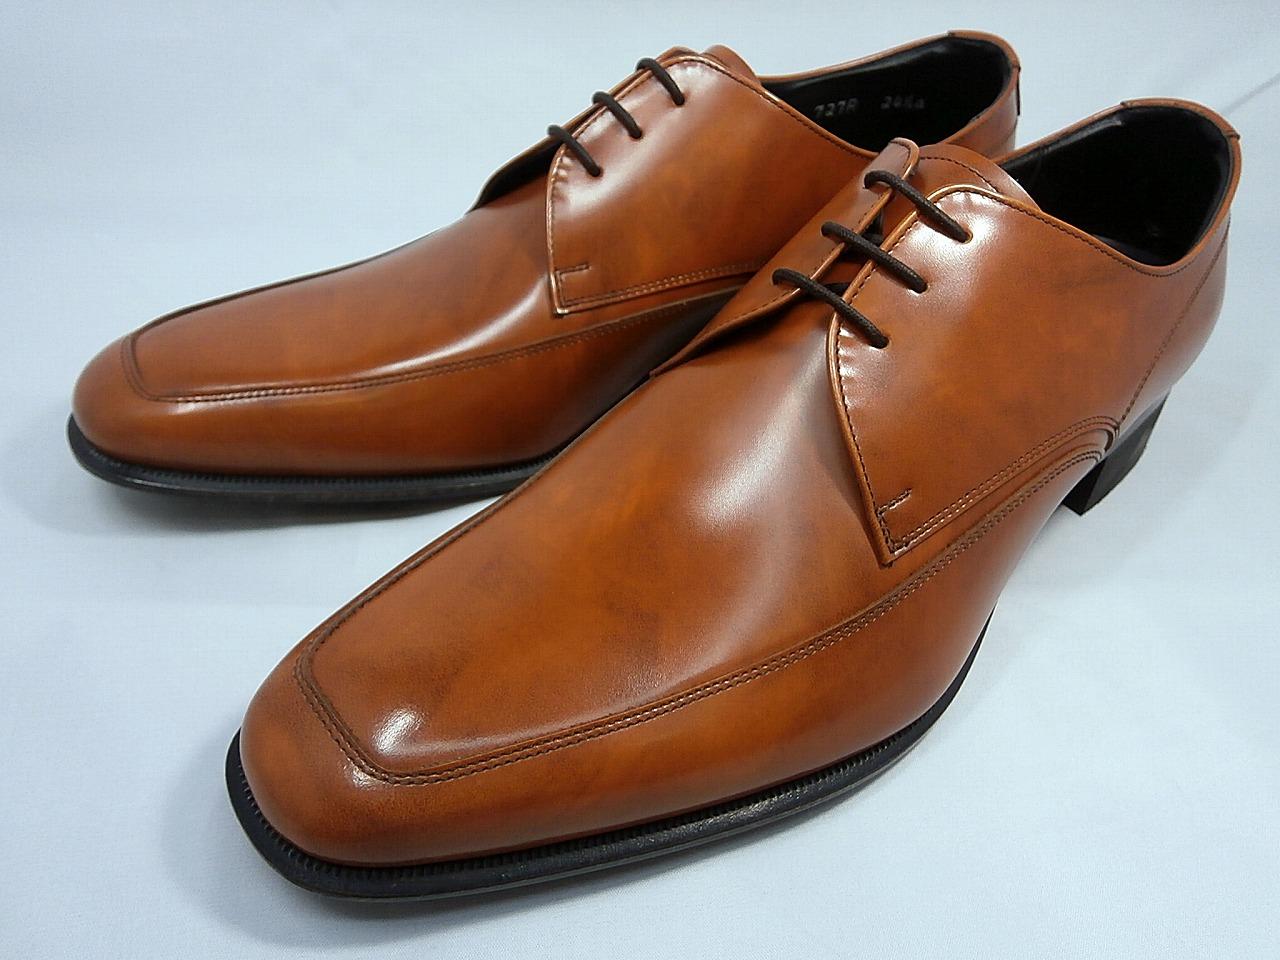 リーガル 靴 メンズ スタイリッシュ・Uチップ ビジネスシューズ 727R AL(ブラウン)REGAL【送料無料】